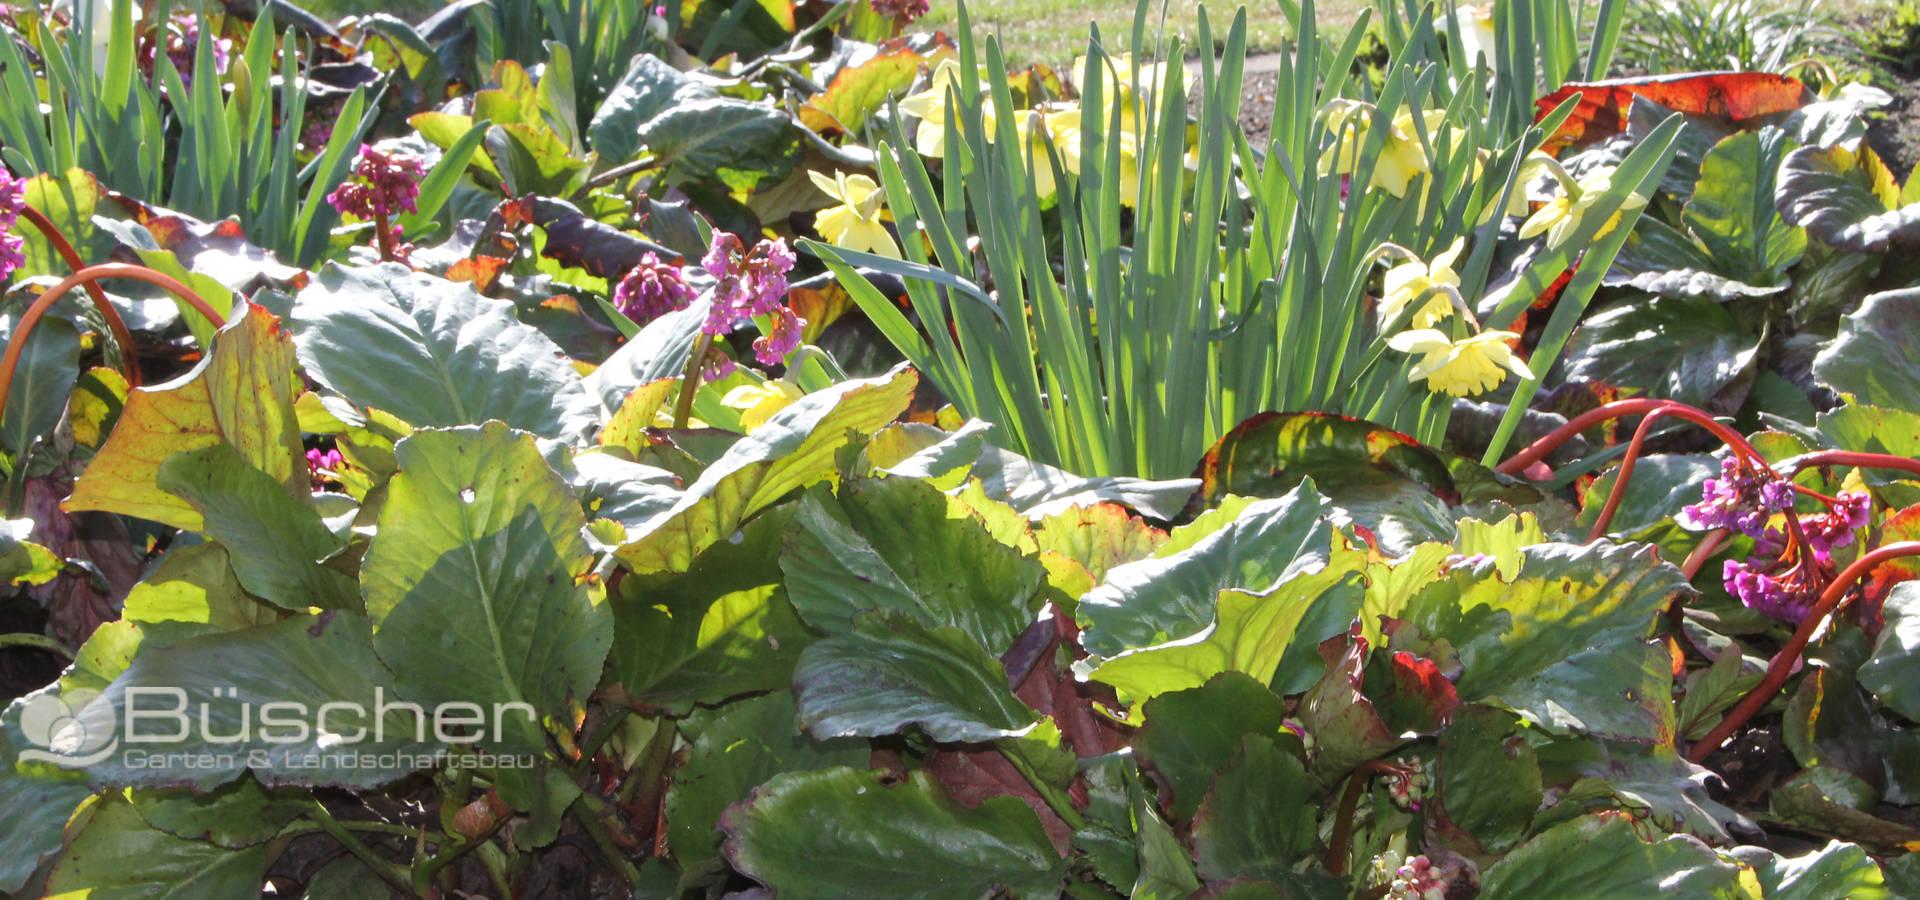 Büscher Garten- und Landschaftsbau